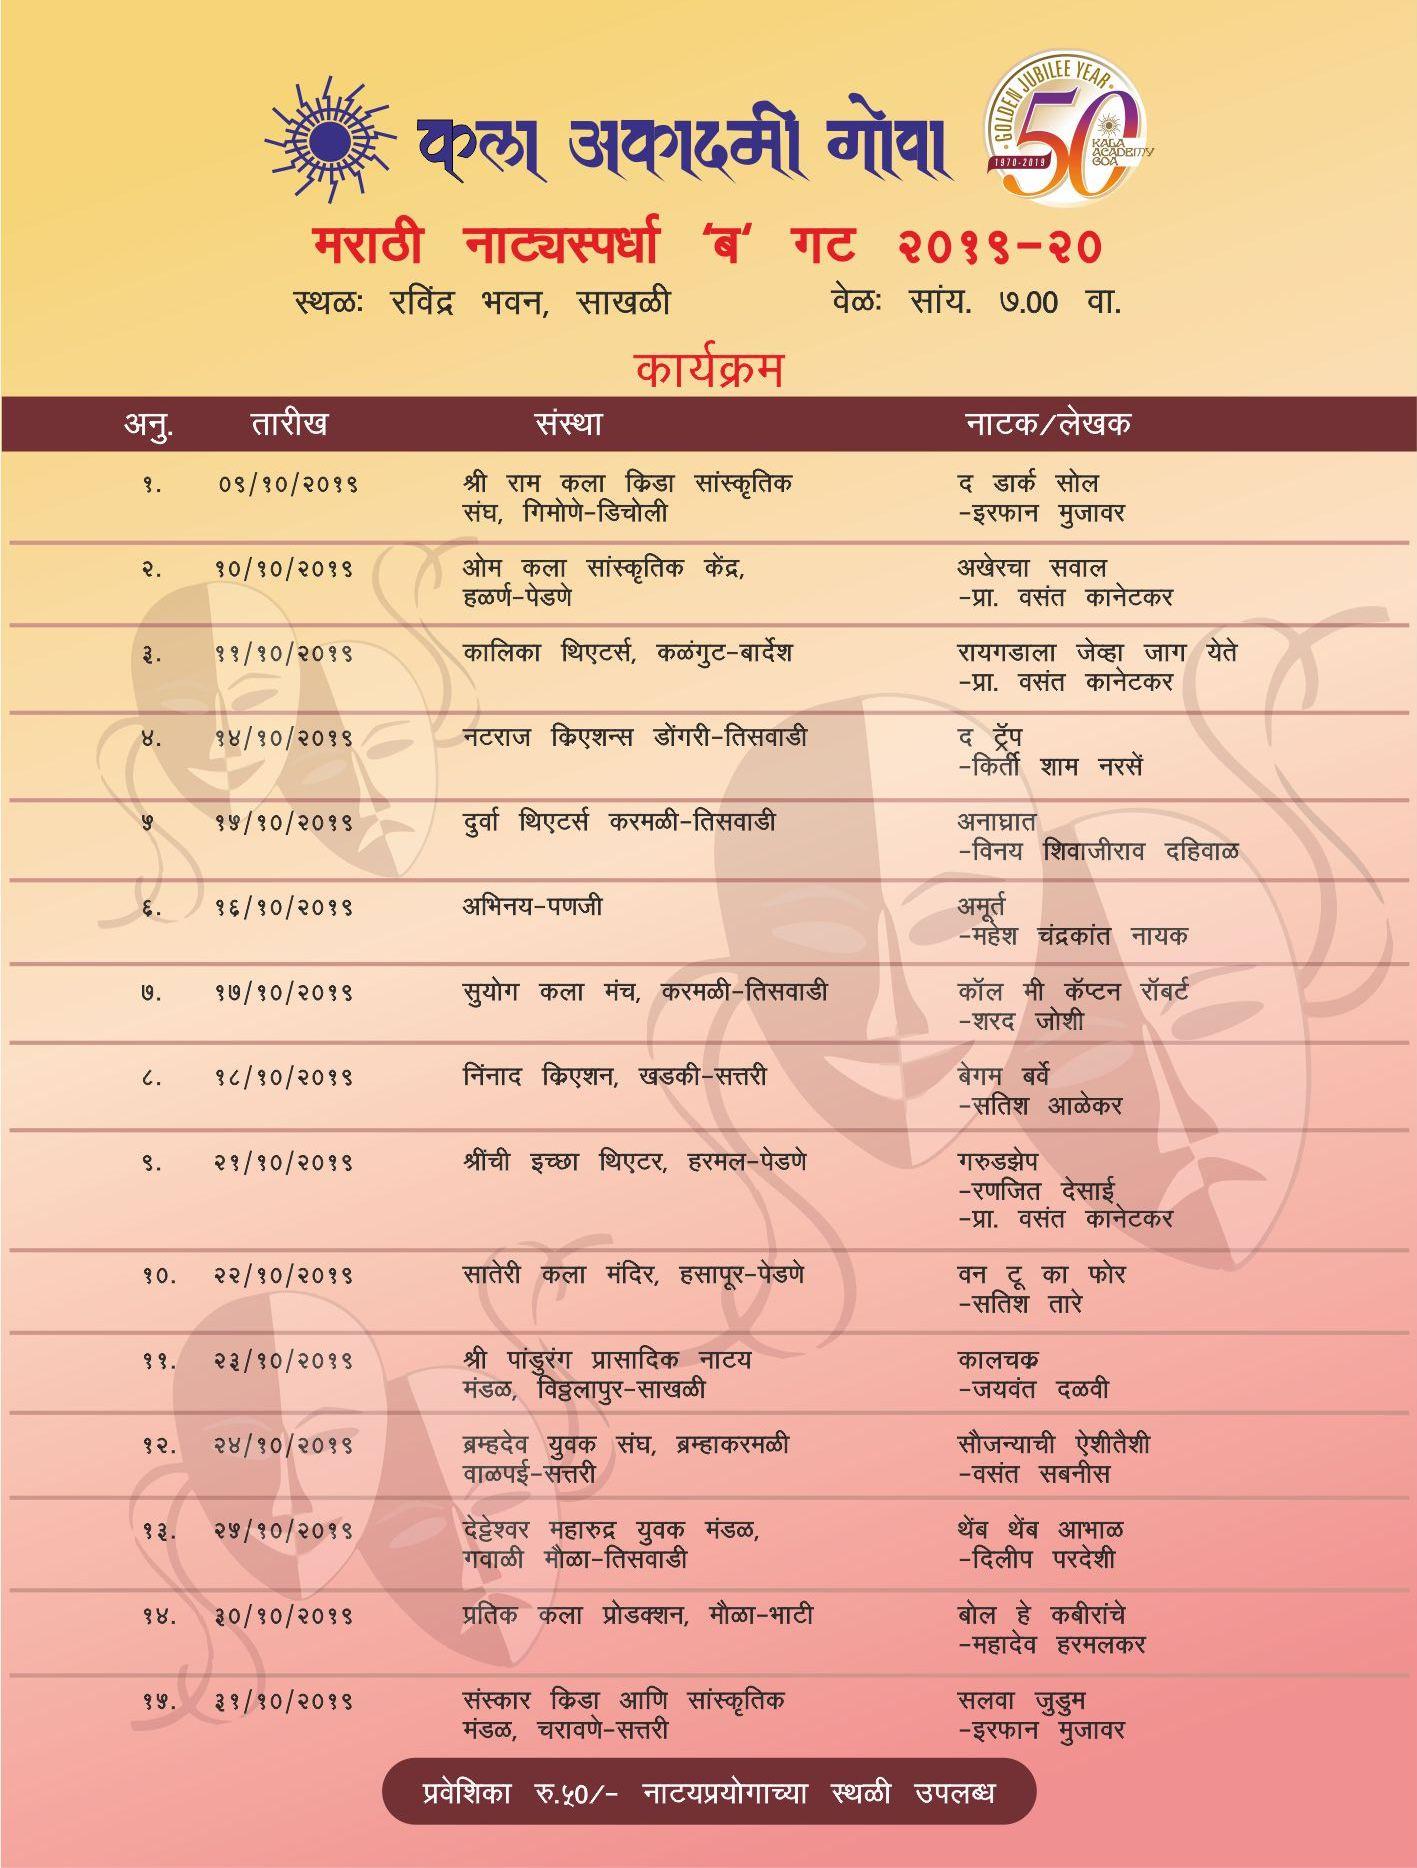 Programme of Marathi Drama 'B' Group Competition